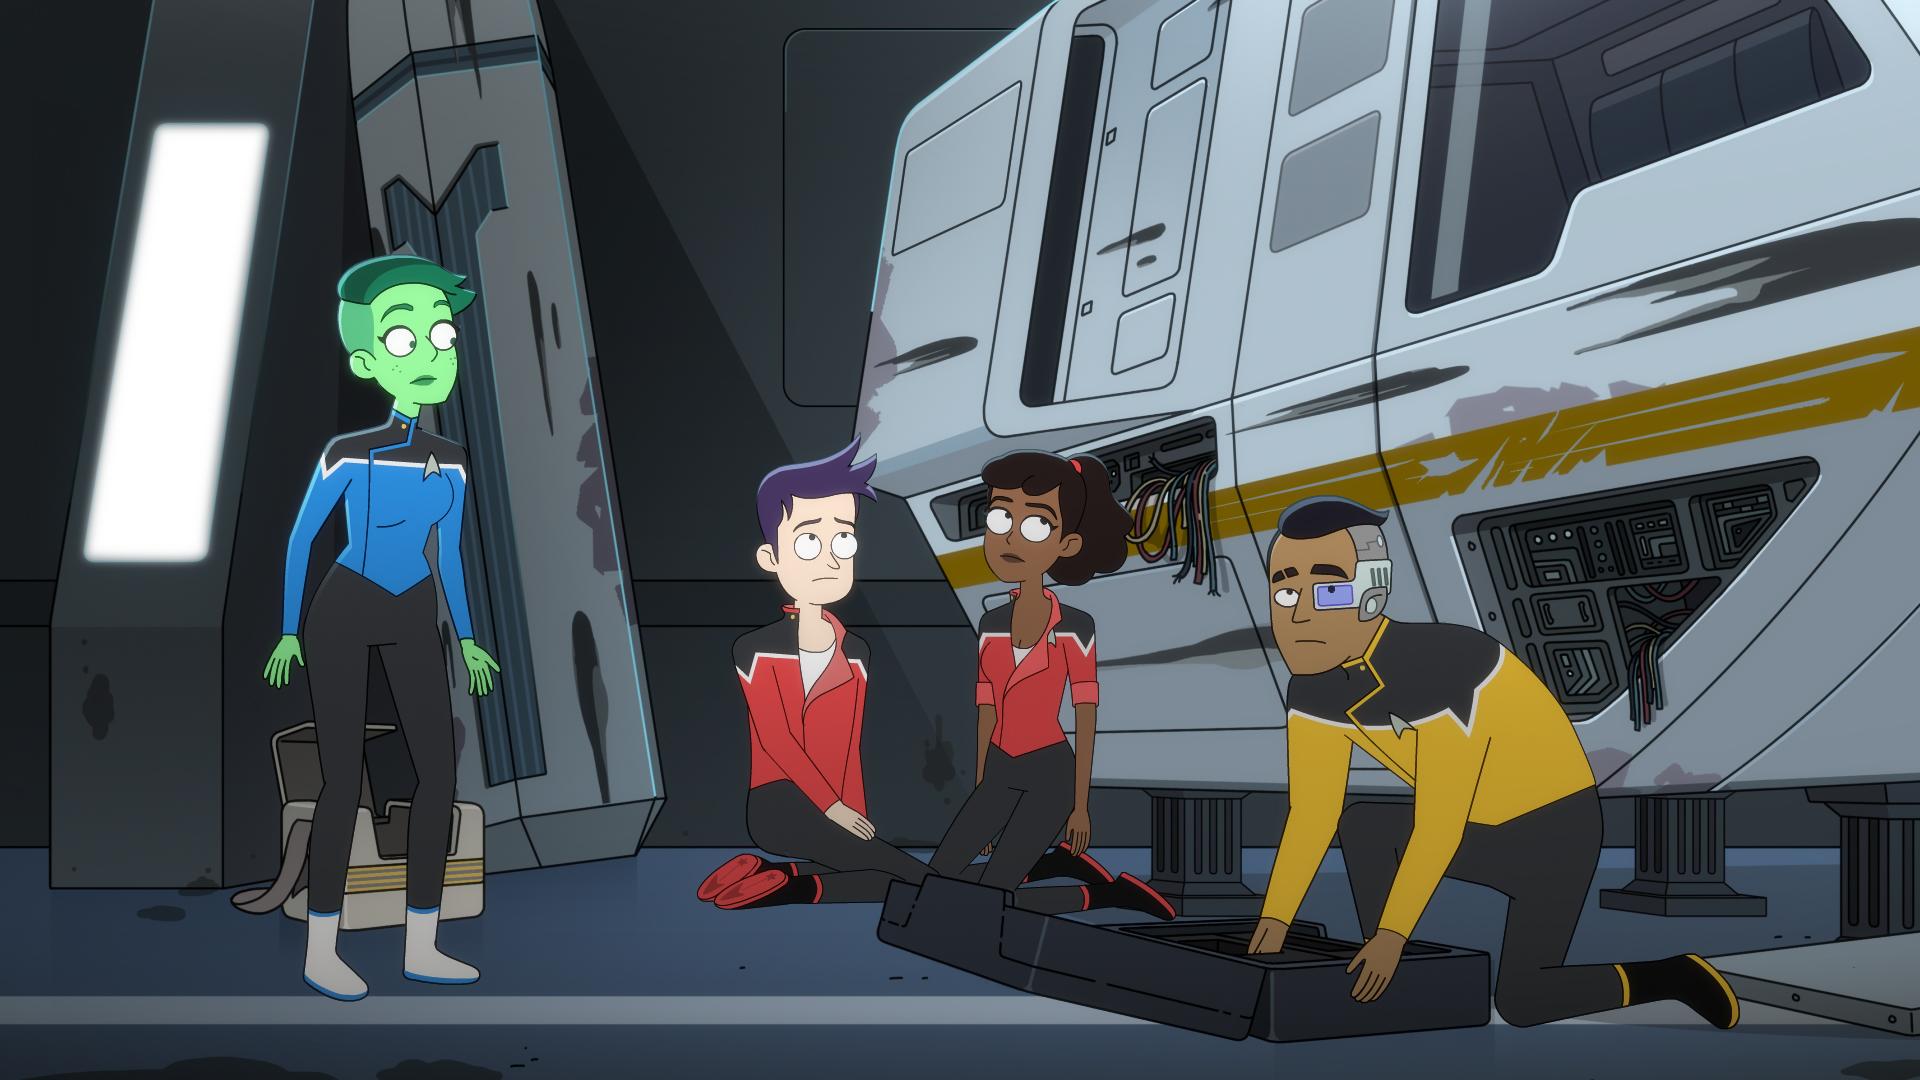 Tendi, Boimler, Mariner,and Rutherford working on the Cerritos shuttle in Star Trek Lower Decks